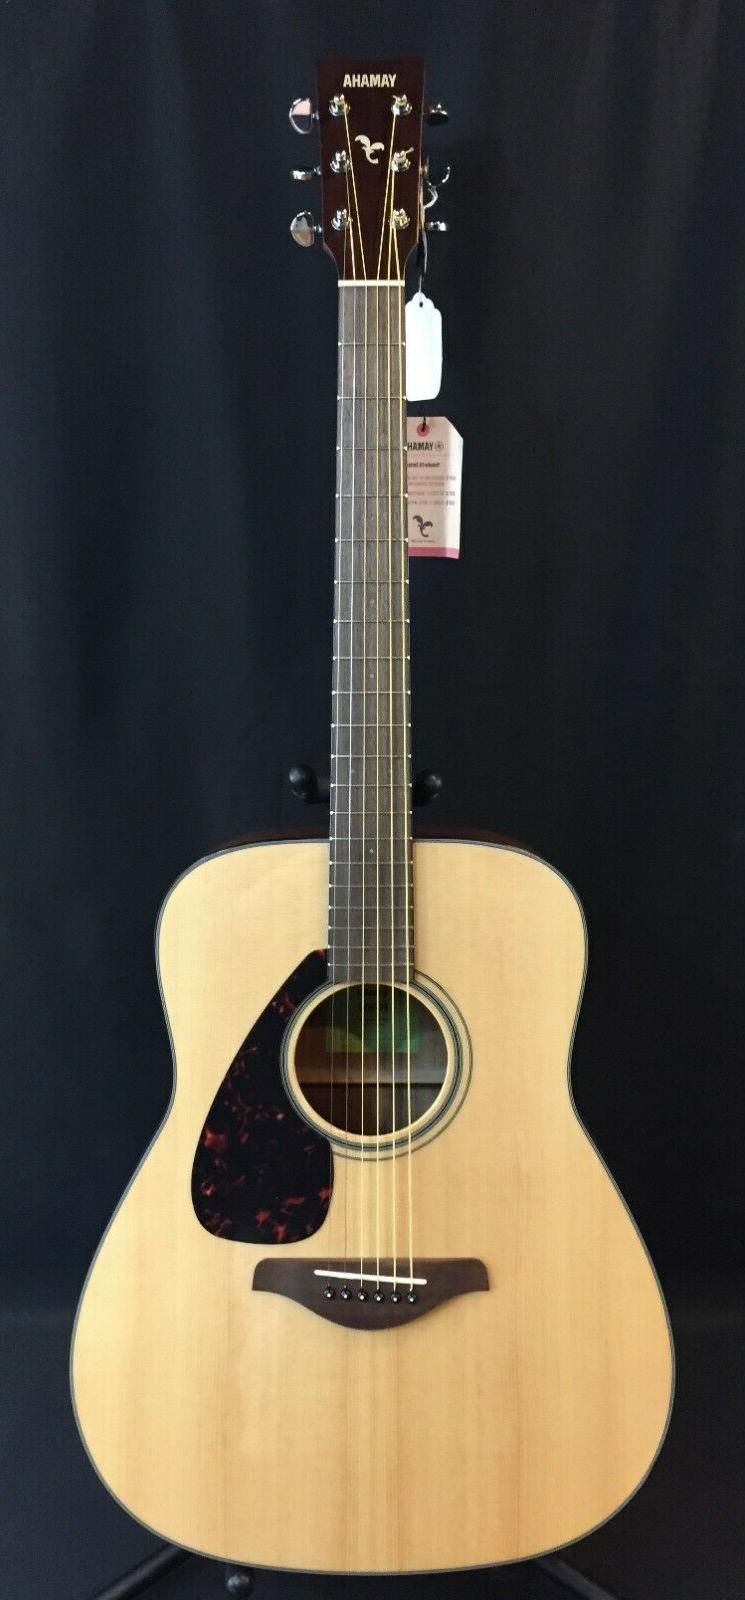 fg800 acoustic